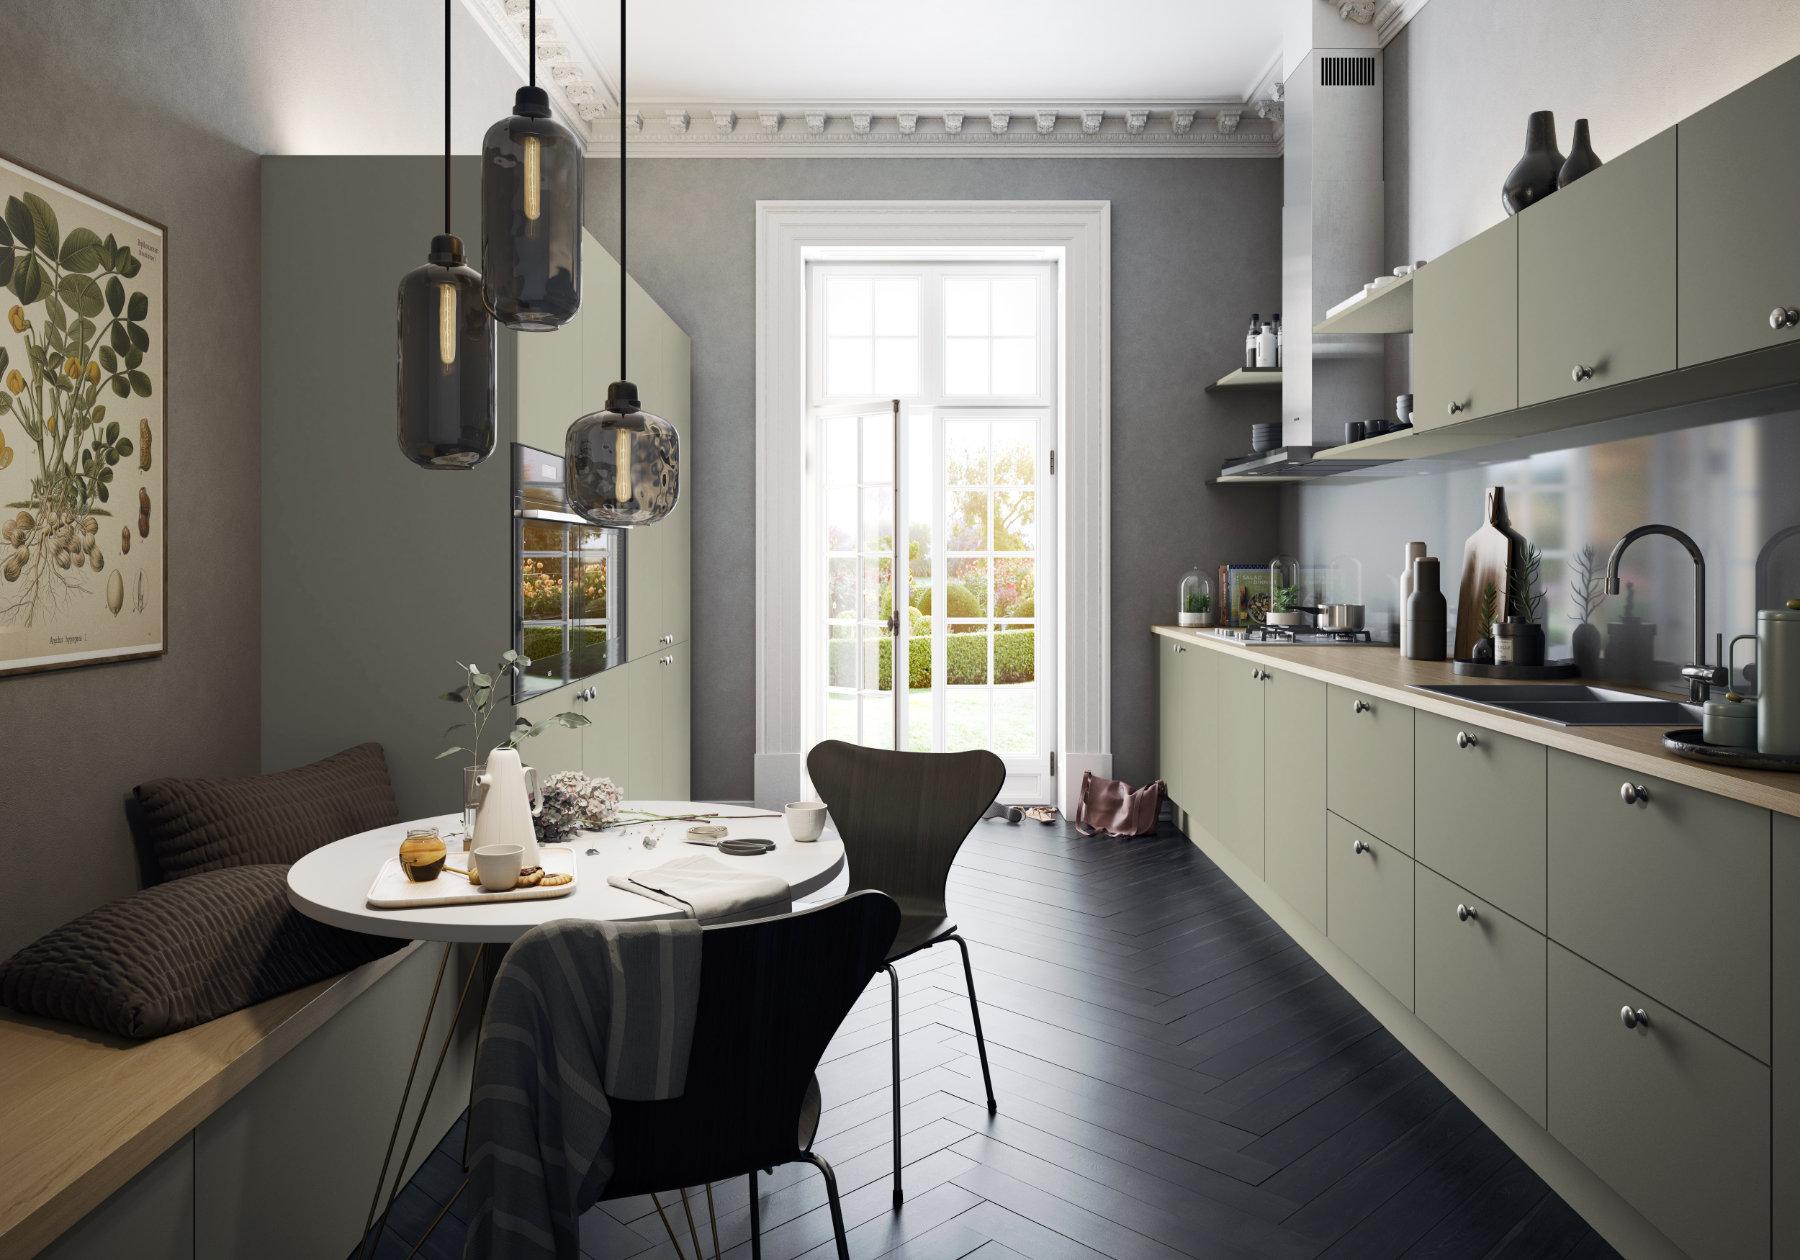 Manor Interiors Matt Kitchen | MHK Kitchen Experts